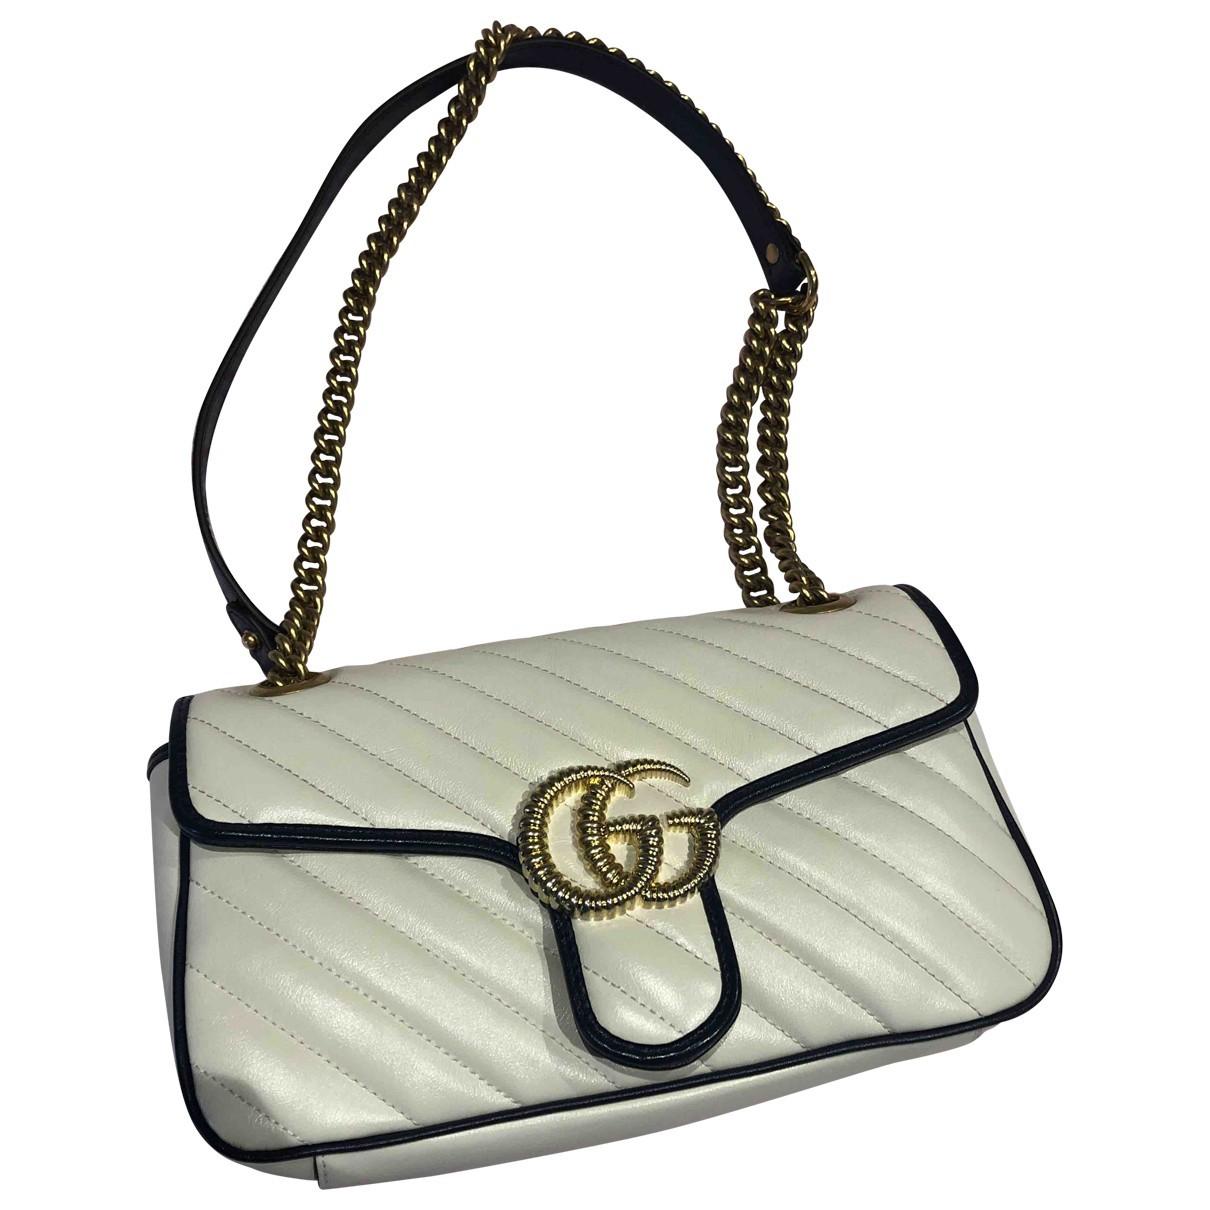 Gucci Marmont Handtasche in  Weiss Leder